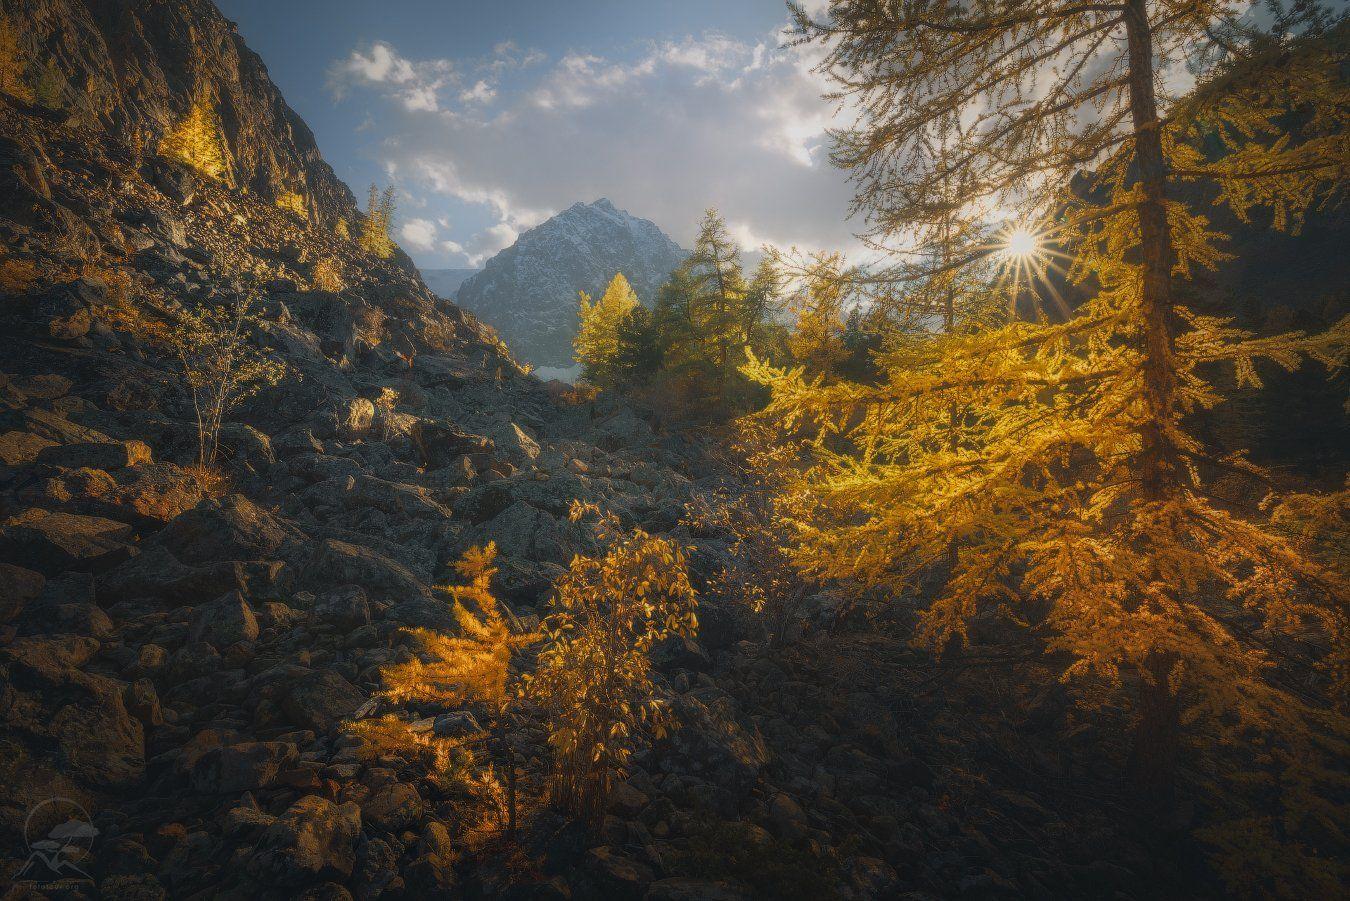 пейзаж, природа, горы, алтай, актру, Гордиенко Анатолий